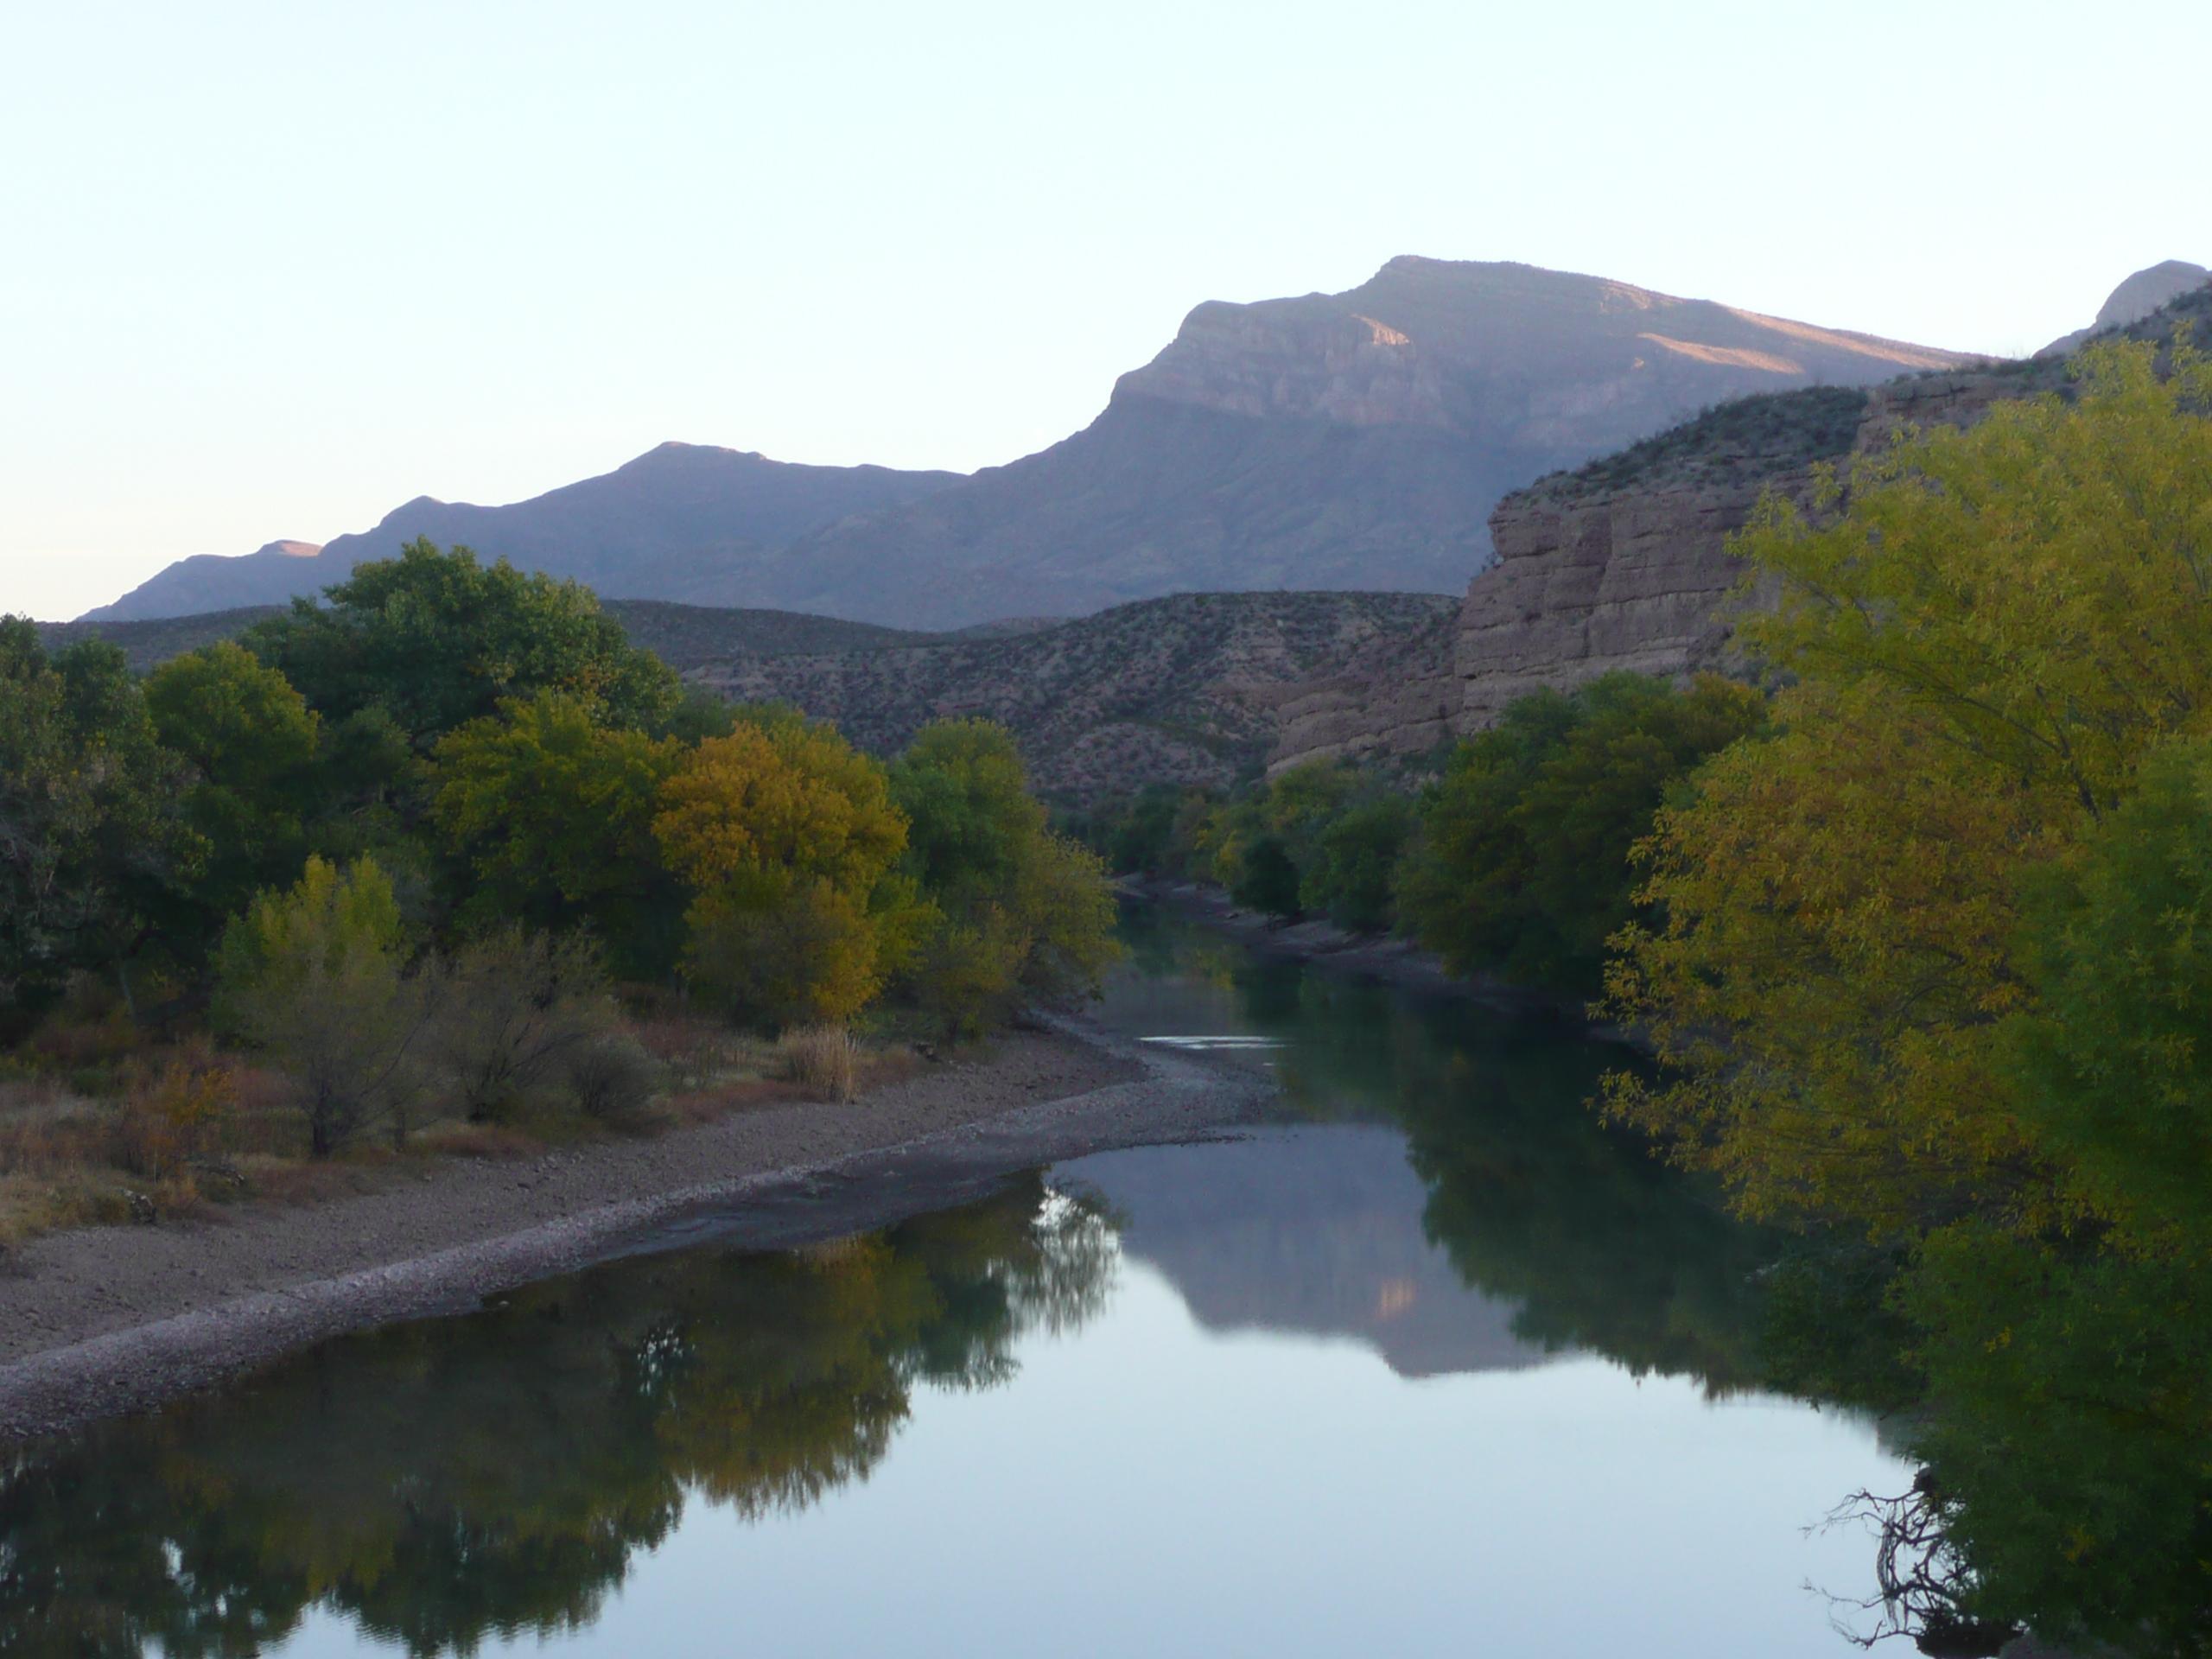 Rio_Grande_and_the_Sothern_Caballo_Mountains.JPG